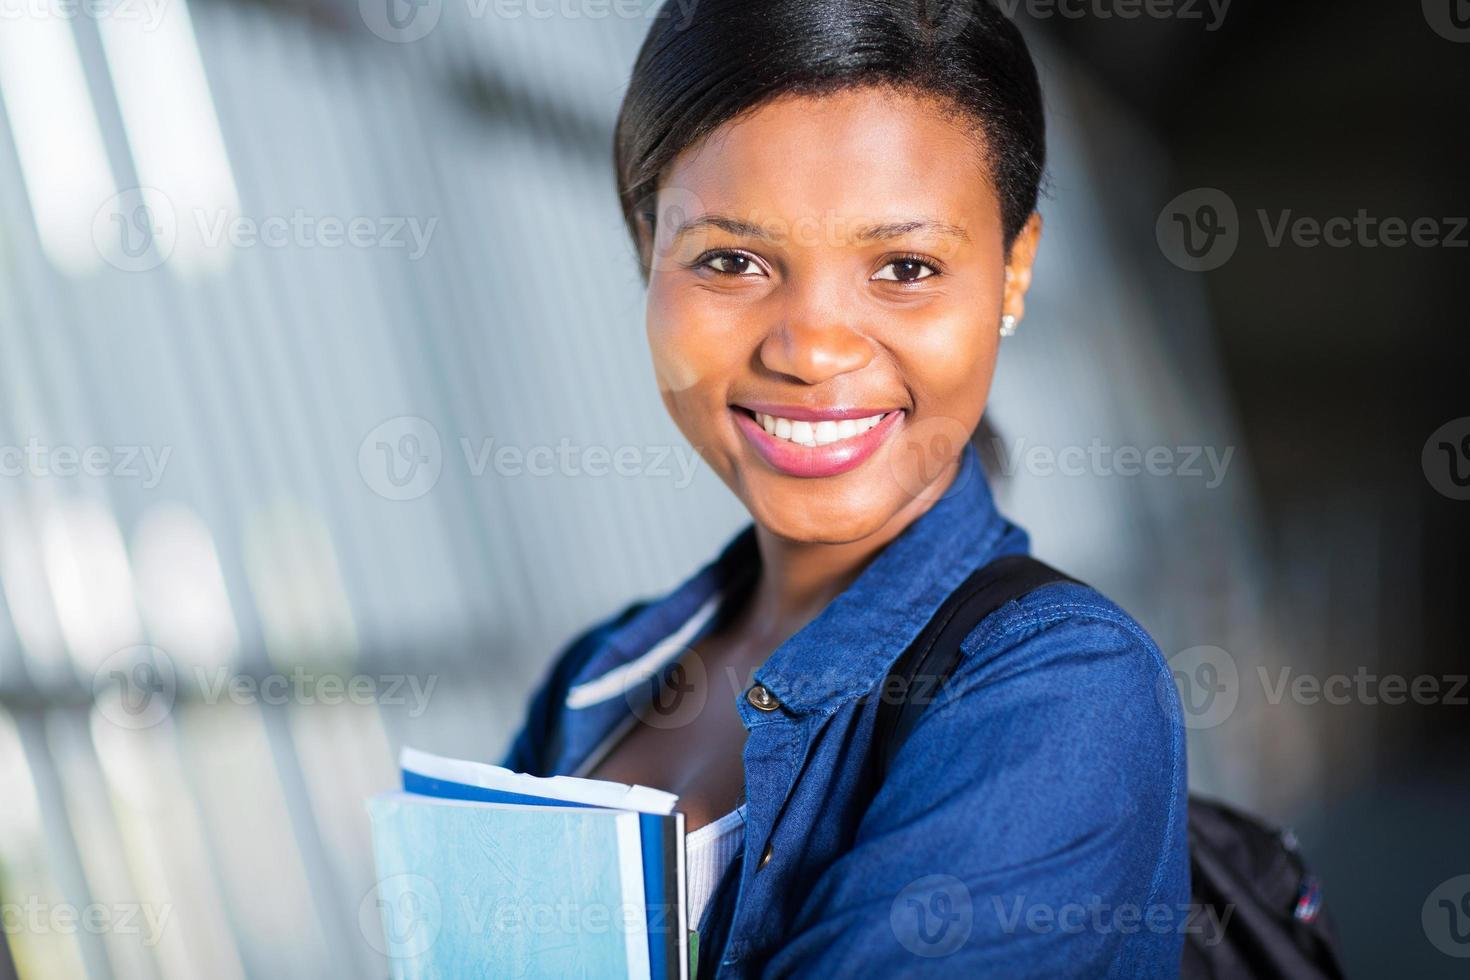 jovem universitária americana Africano close-up foto